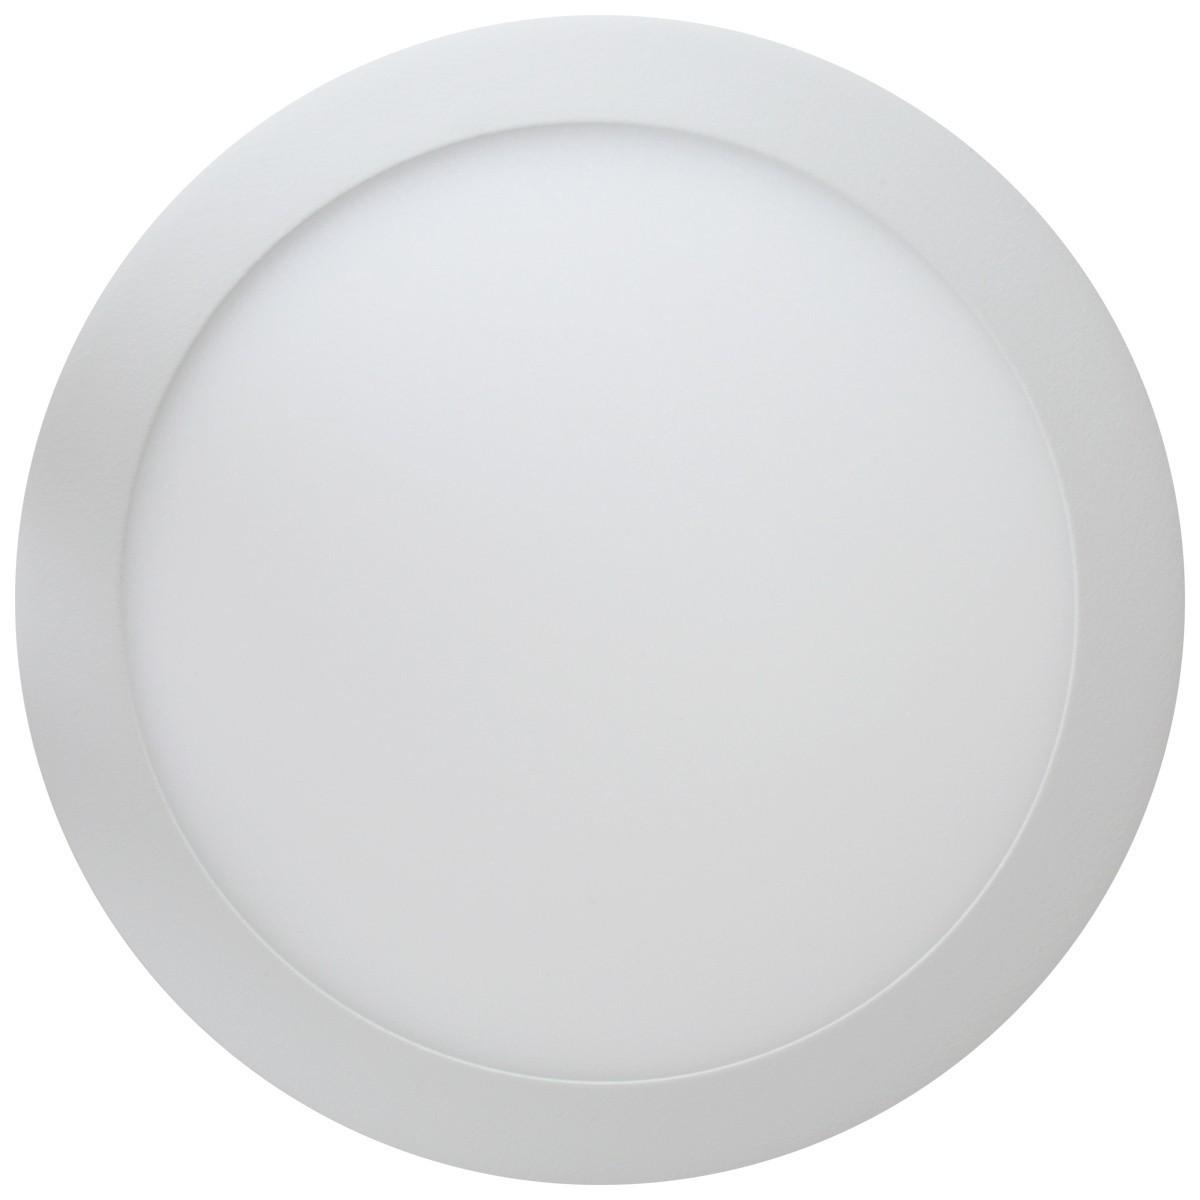 Plafon LED 24W Sobrepor Redondo Branco Quente 3000K